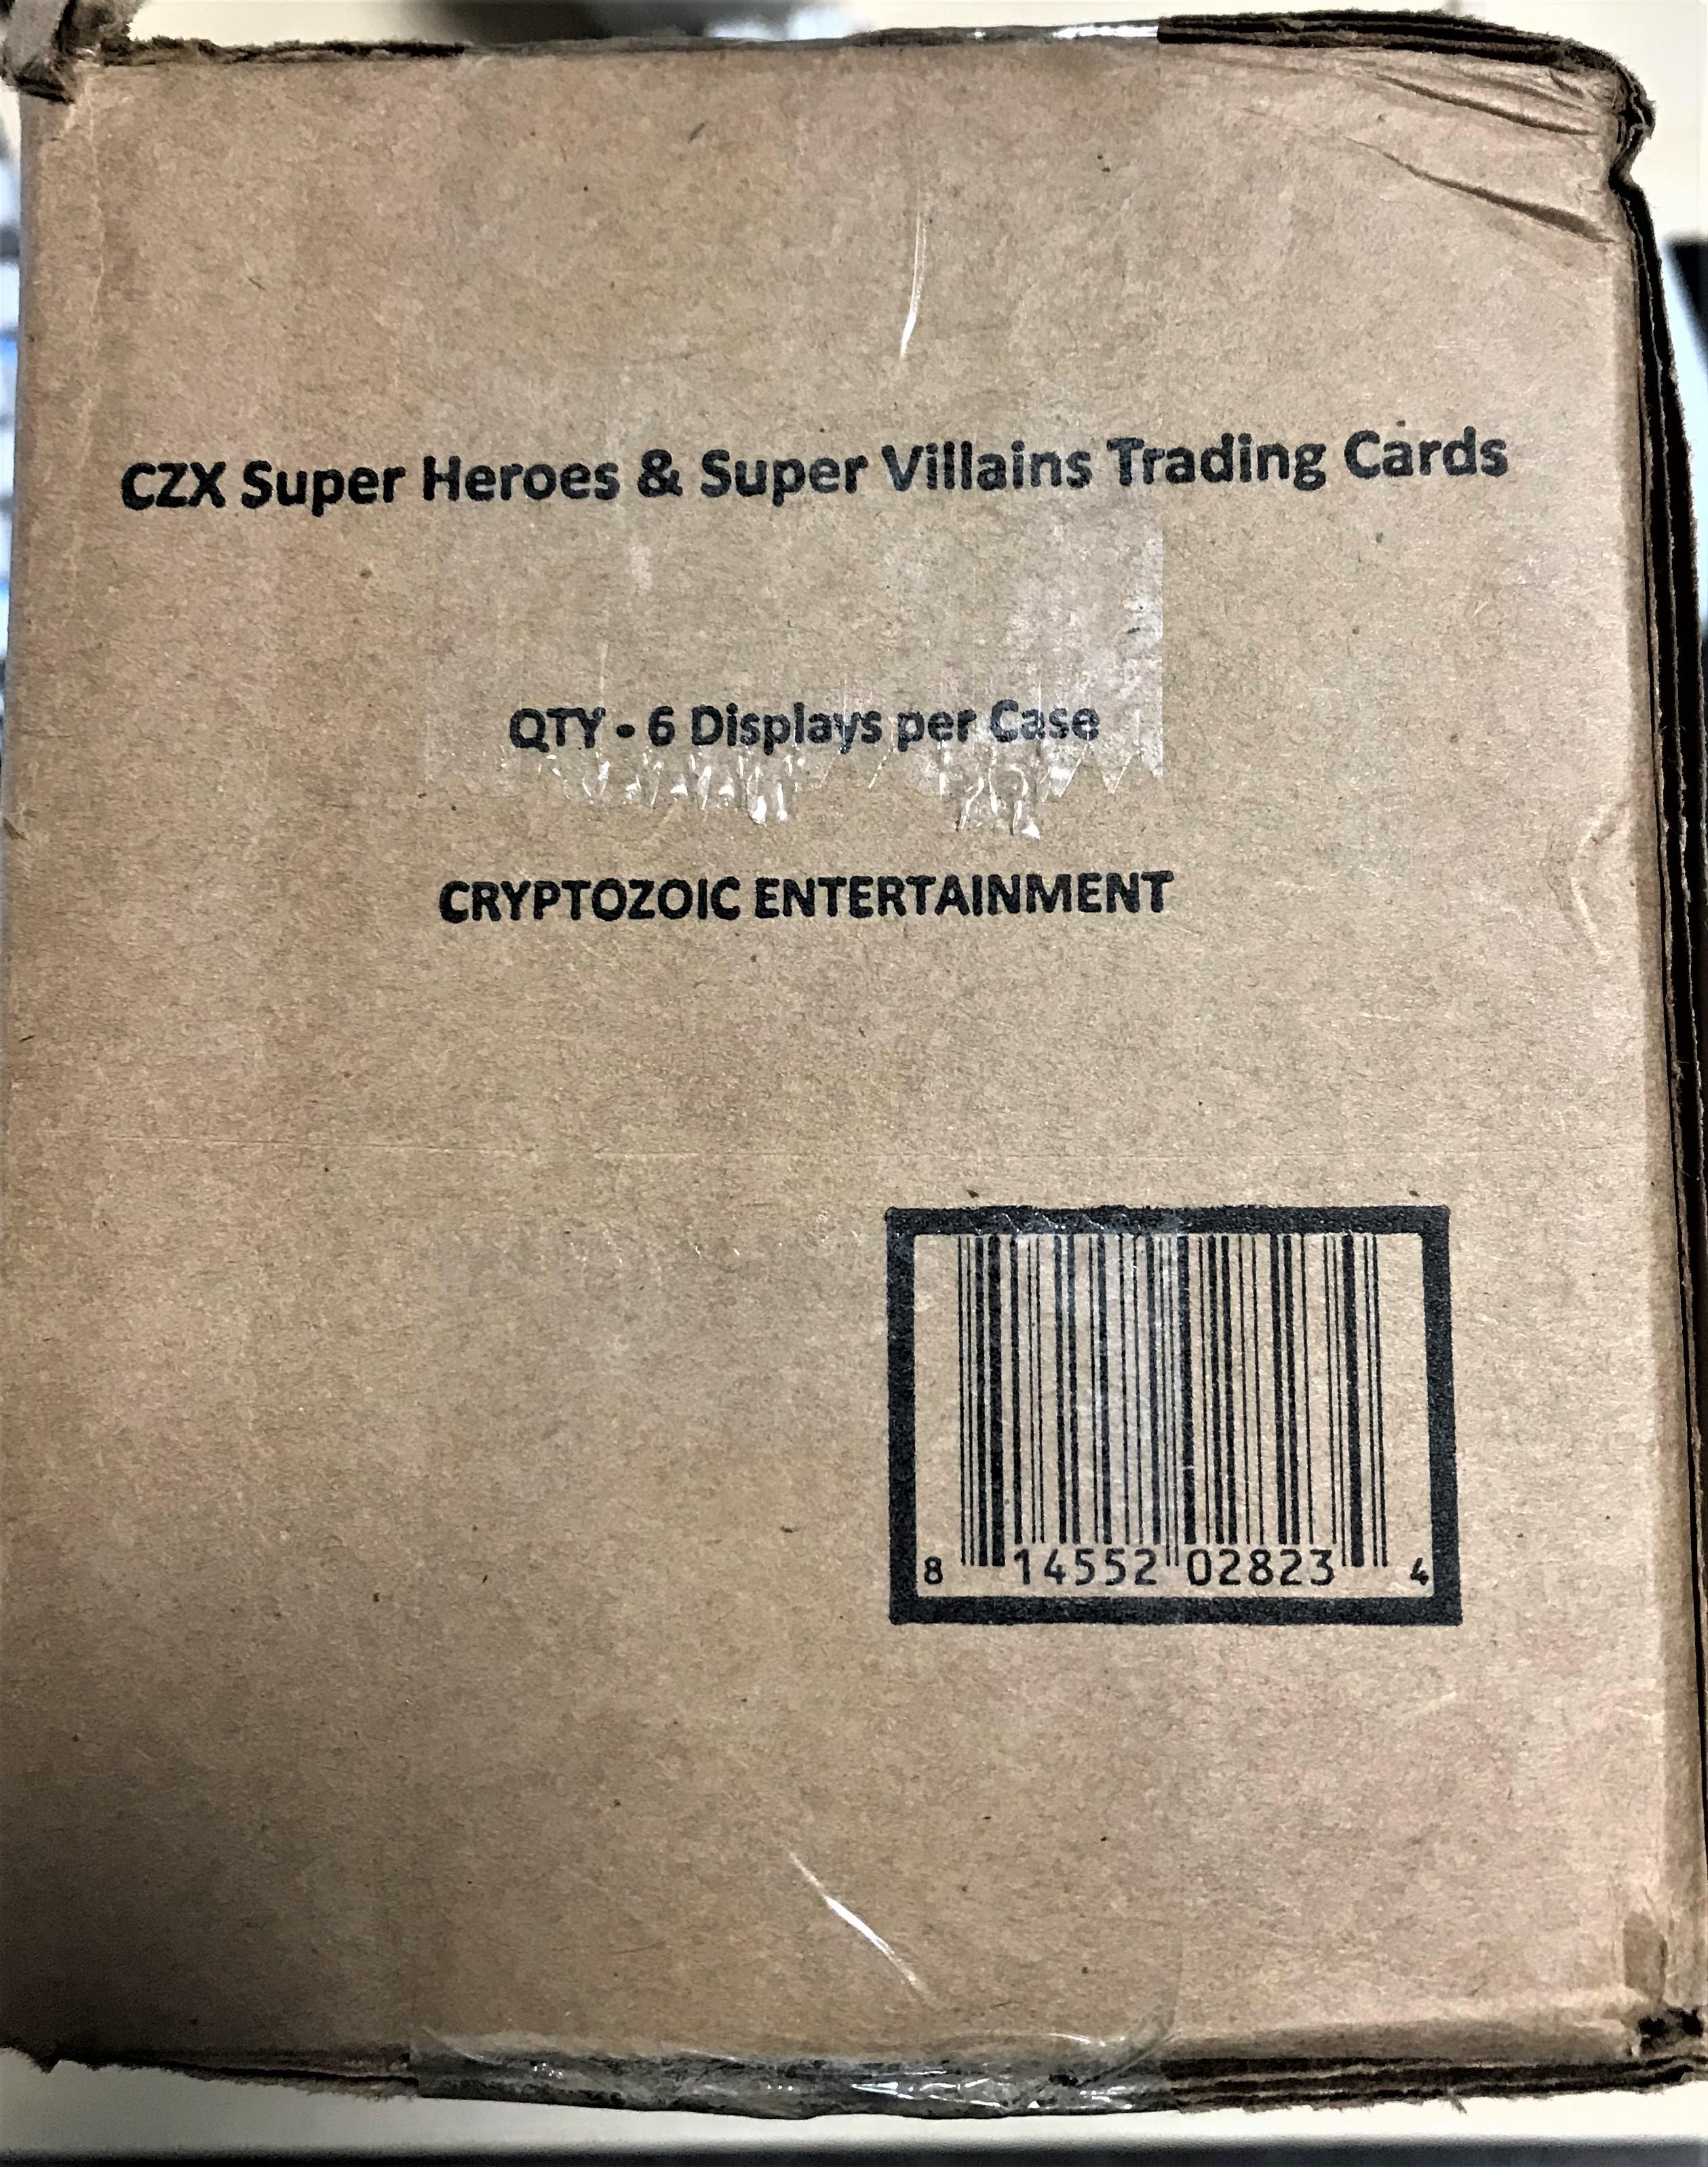 DC CZX 超级英雄与反派 原箱 1箱6盒 每盒保1签字、1手绘、1胶片特卡、2个带编、星星特卡等 可博1/1!(cwg)